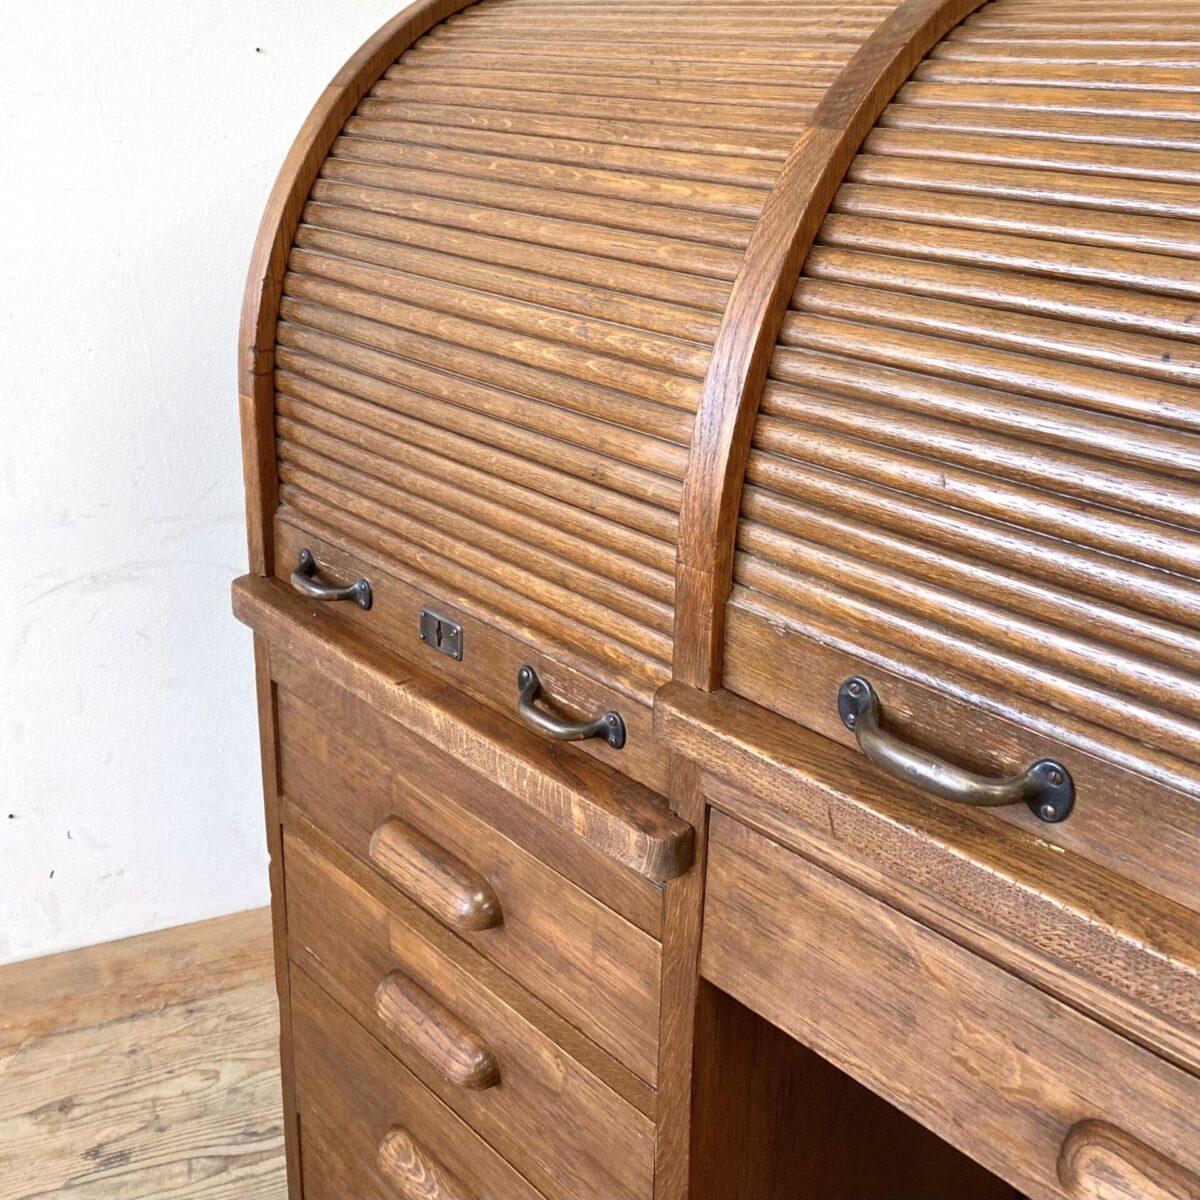 Deuxieme.shop antiker Rolladenschrank englischer Eichenholz Sekretär. Eichenholz Schreibtisch mit Schubladen und zwei Rolladen. 141x73cm Höhe 118.5cm. Der Sekretär ist in gutem allgemein Zustand, Schubladen und Rollläden laufen gut. Die Schlüssel sind nicht vorhanden, Schlösser wurden ausgebaut, und im Bereich der Tischplatten Eichenholz Stücke eingesetzt. An der rechten Seite wurde ein Stück Furnier frisch eingesetzt.